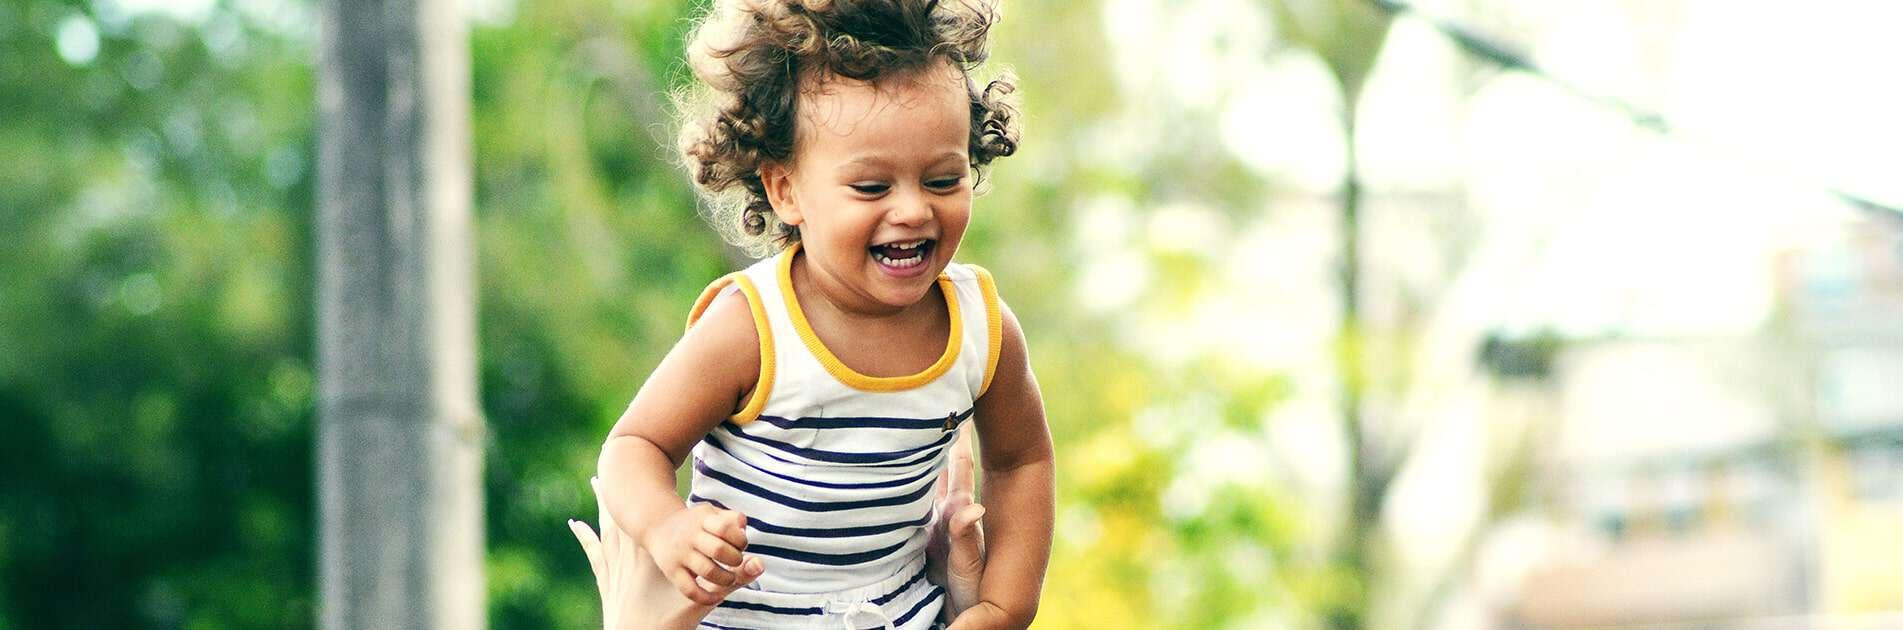 kinderkardiologie dr wagner hintergrund